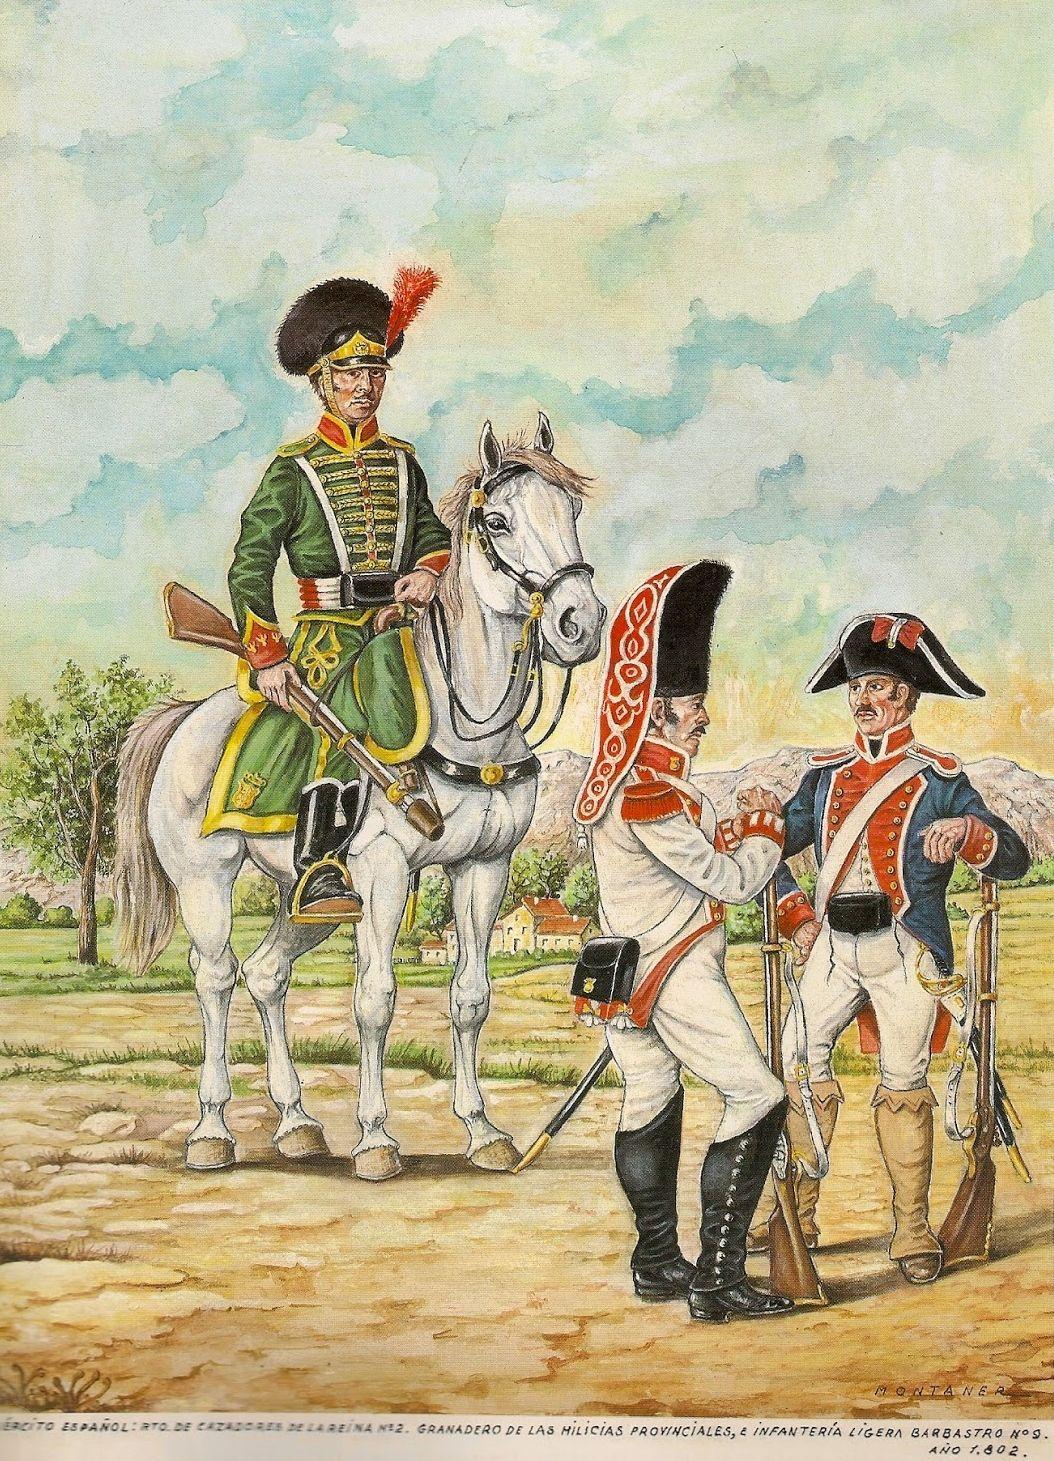 Reina 1802 Cazadores